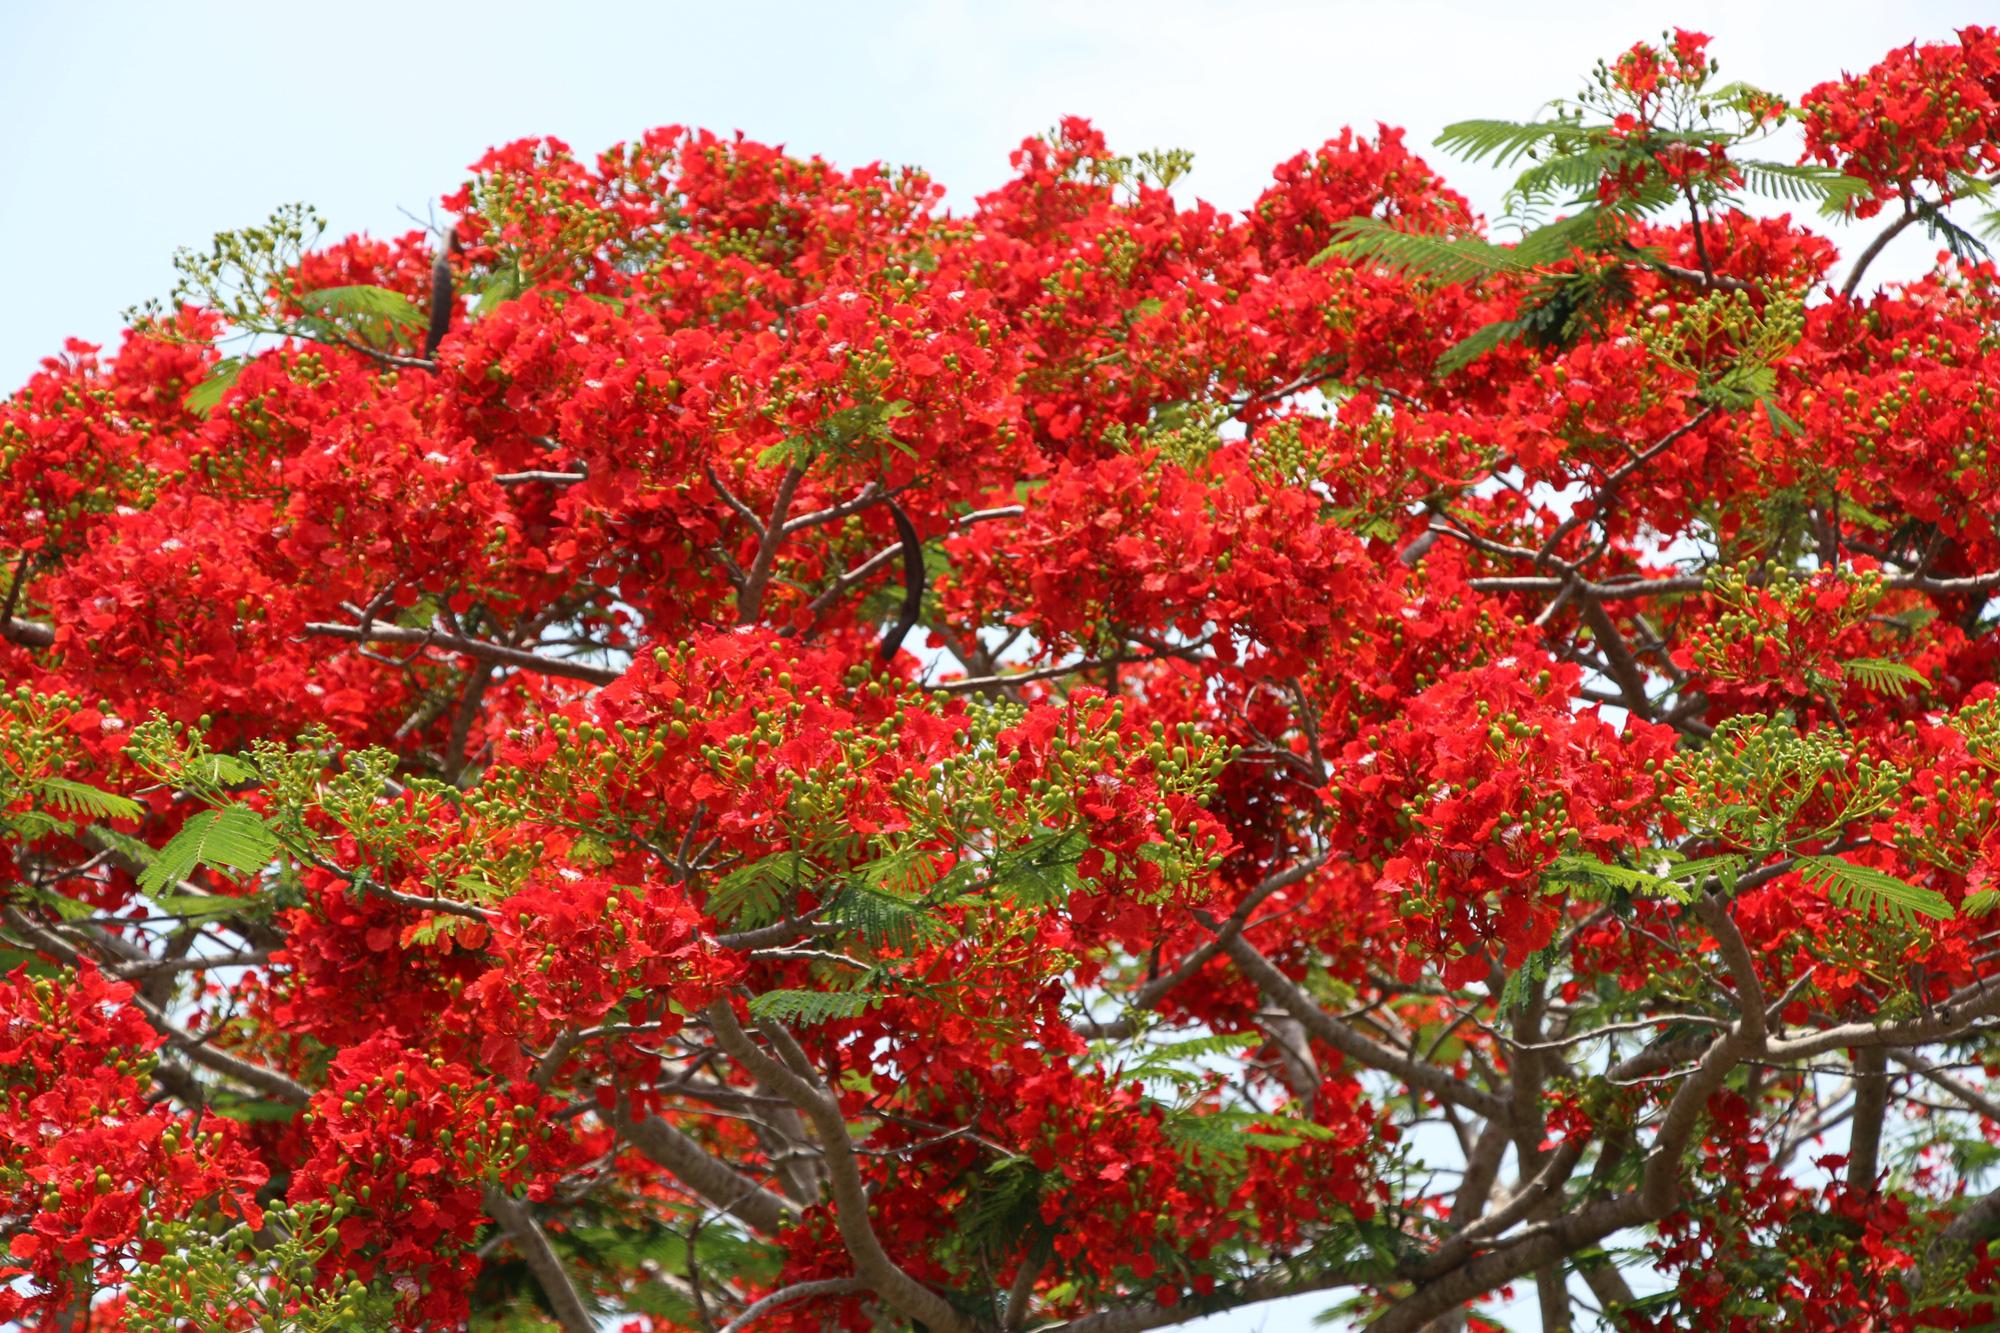 Đẹp ngỡ ngàng con đường hoa phượng đỏ rực ở miền Tây - Báo Người ...